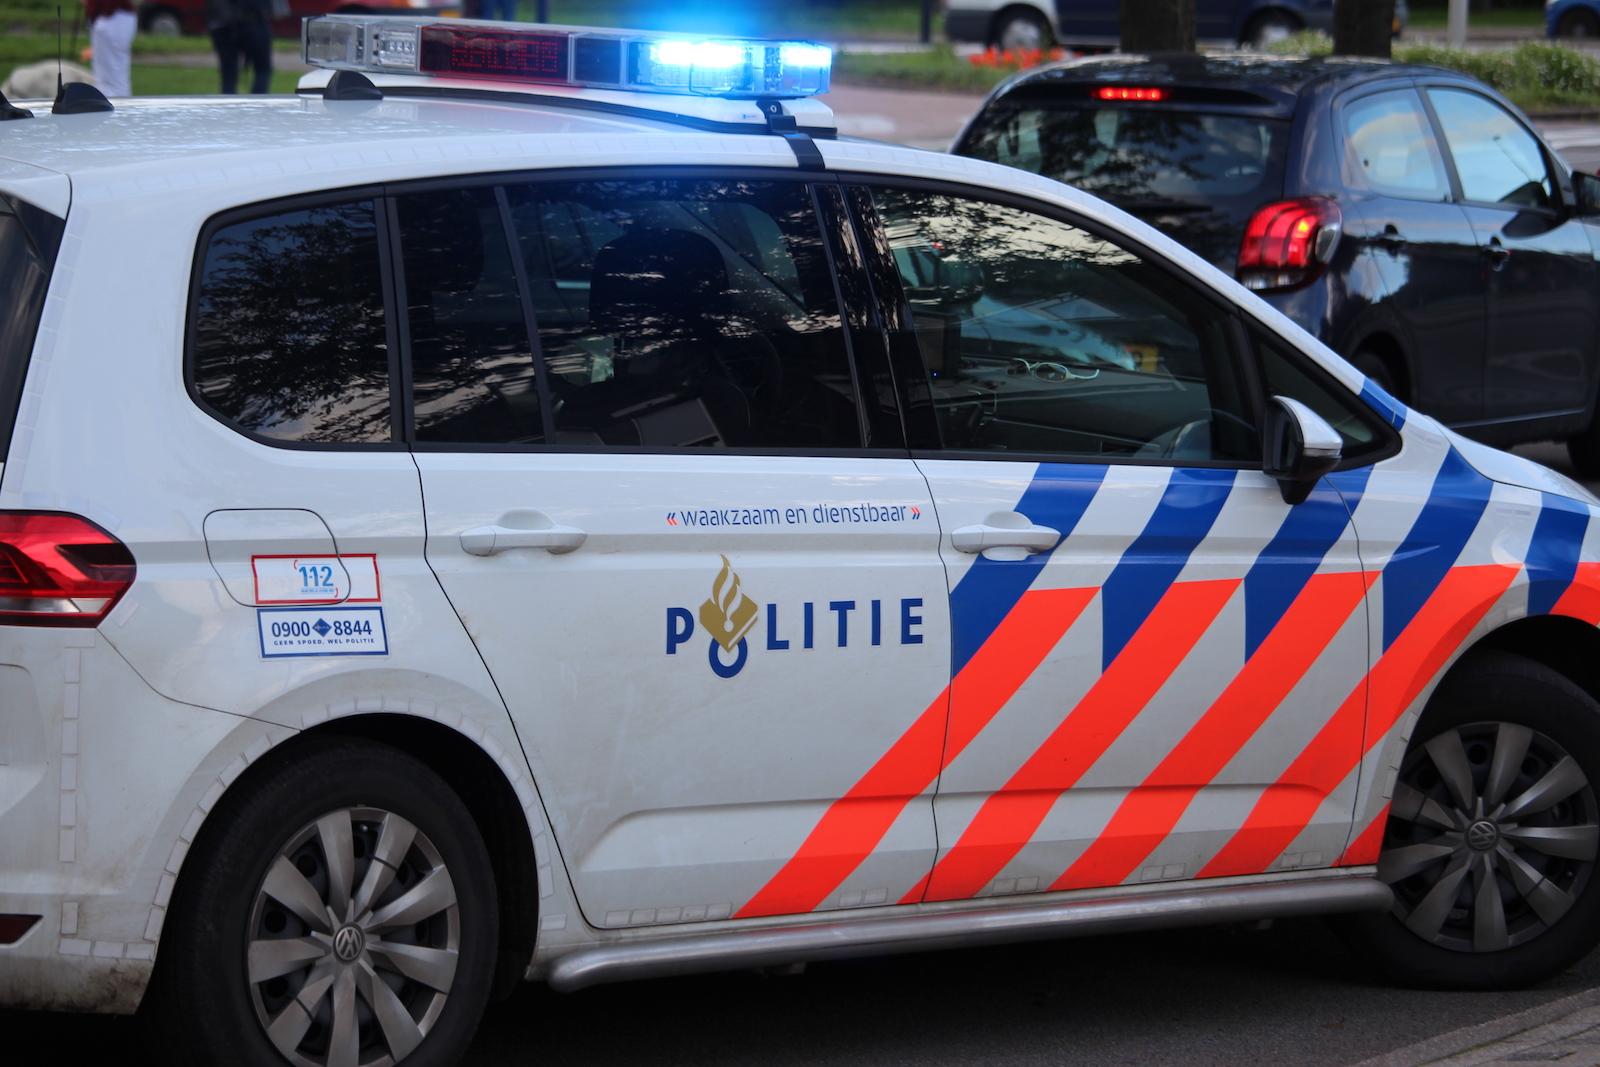 2800 joints door politie in beslag genomen -